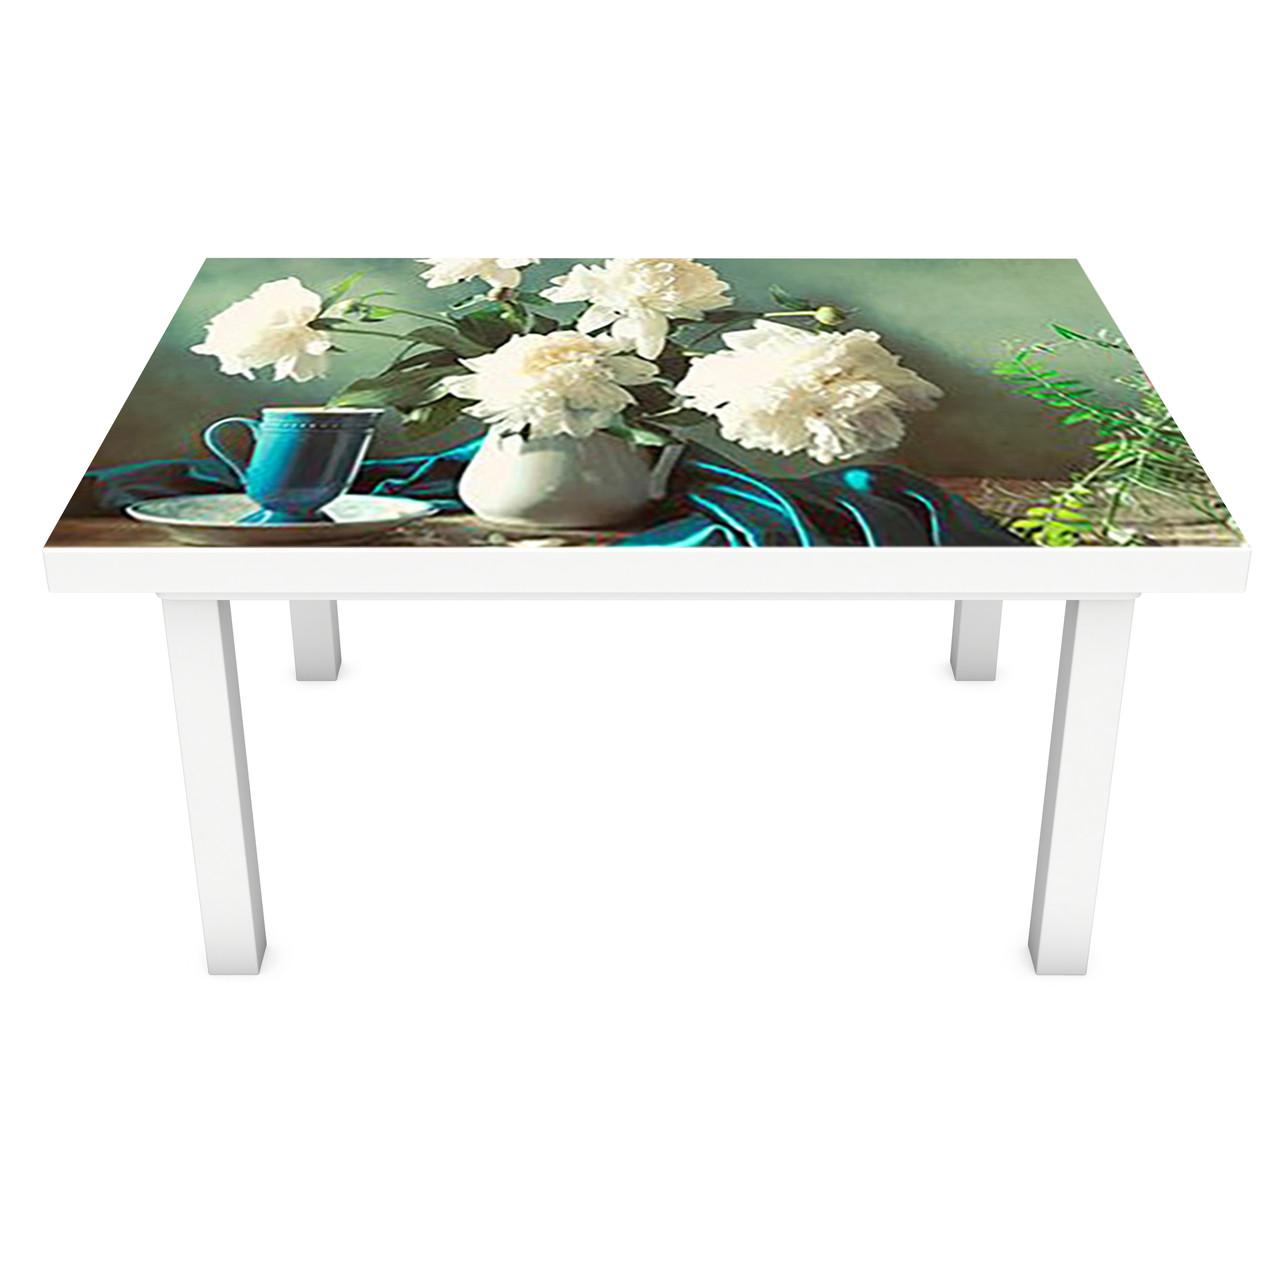 Виниловая наклейка на стол Тюльпаны и Пионы интерьерная ПВХ пленка для мебели цветы букеты Зеленый 600*1200 мм